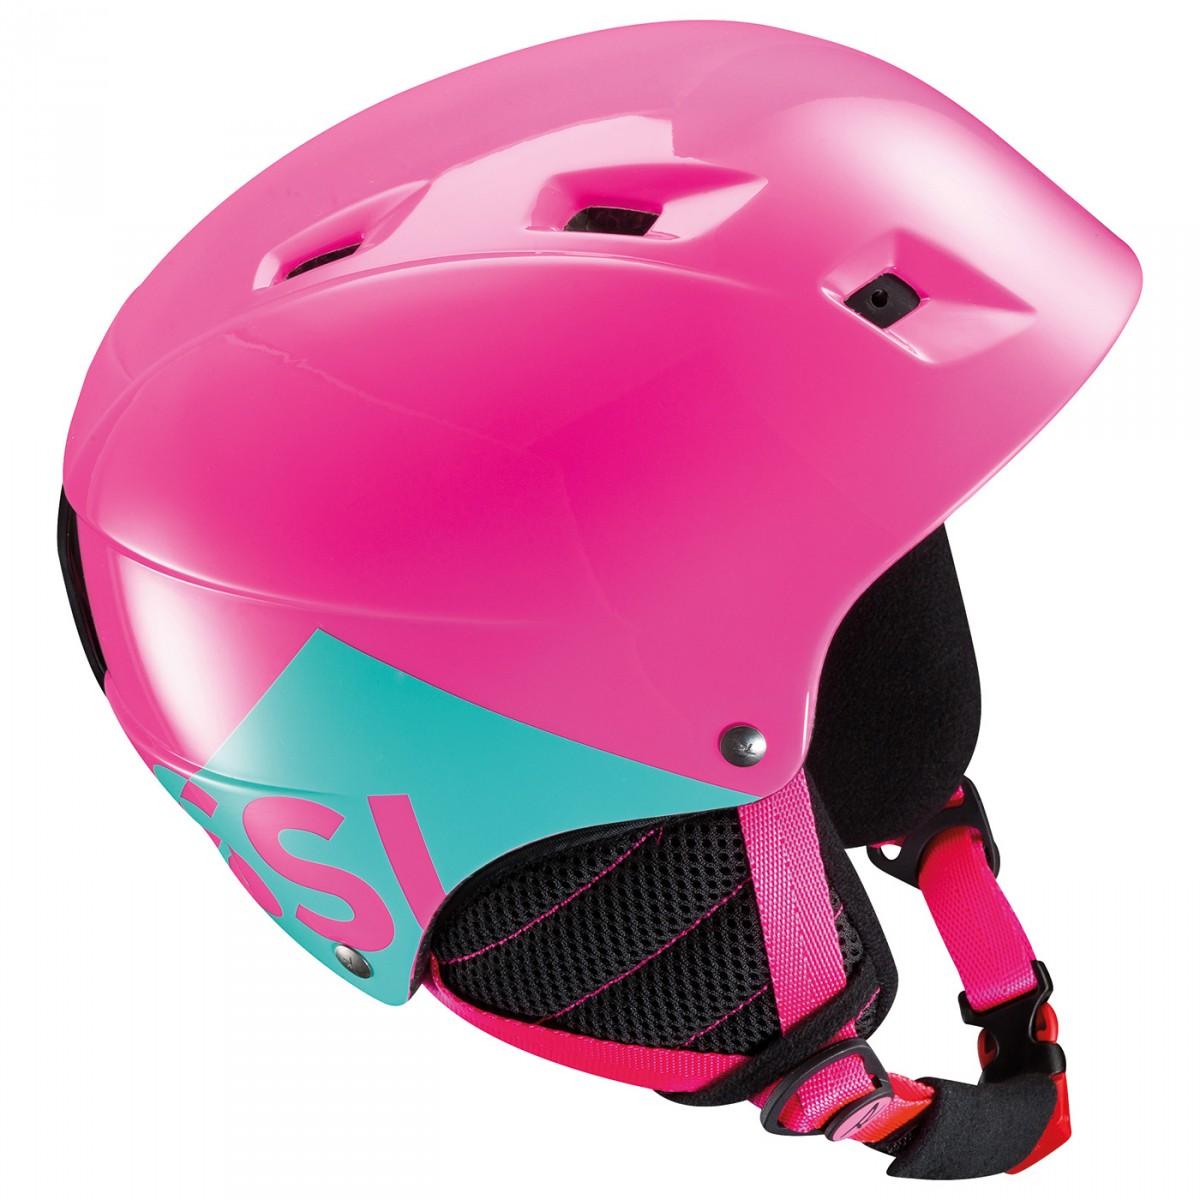 Casco sci Rossignol Comp J (Colore: rosa, Taglia: 51/54)